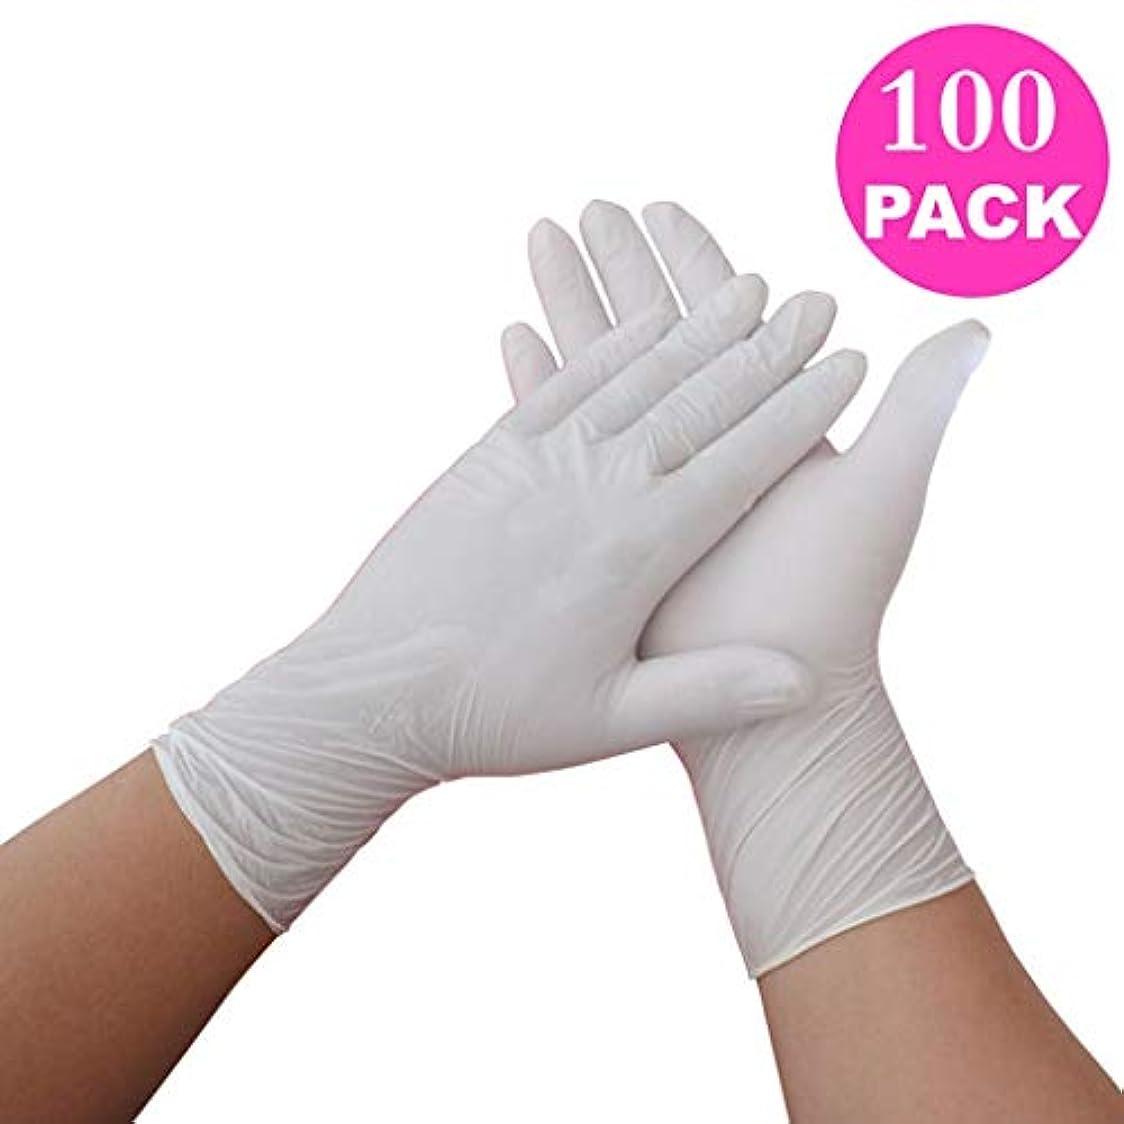 負担休憩プロット病院ラテックスNitrileLatexパック毎のゴム白ニトリル実験室外科gloves100 (Color : White, Size : S)